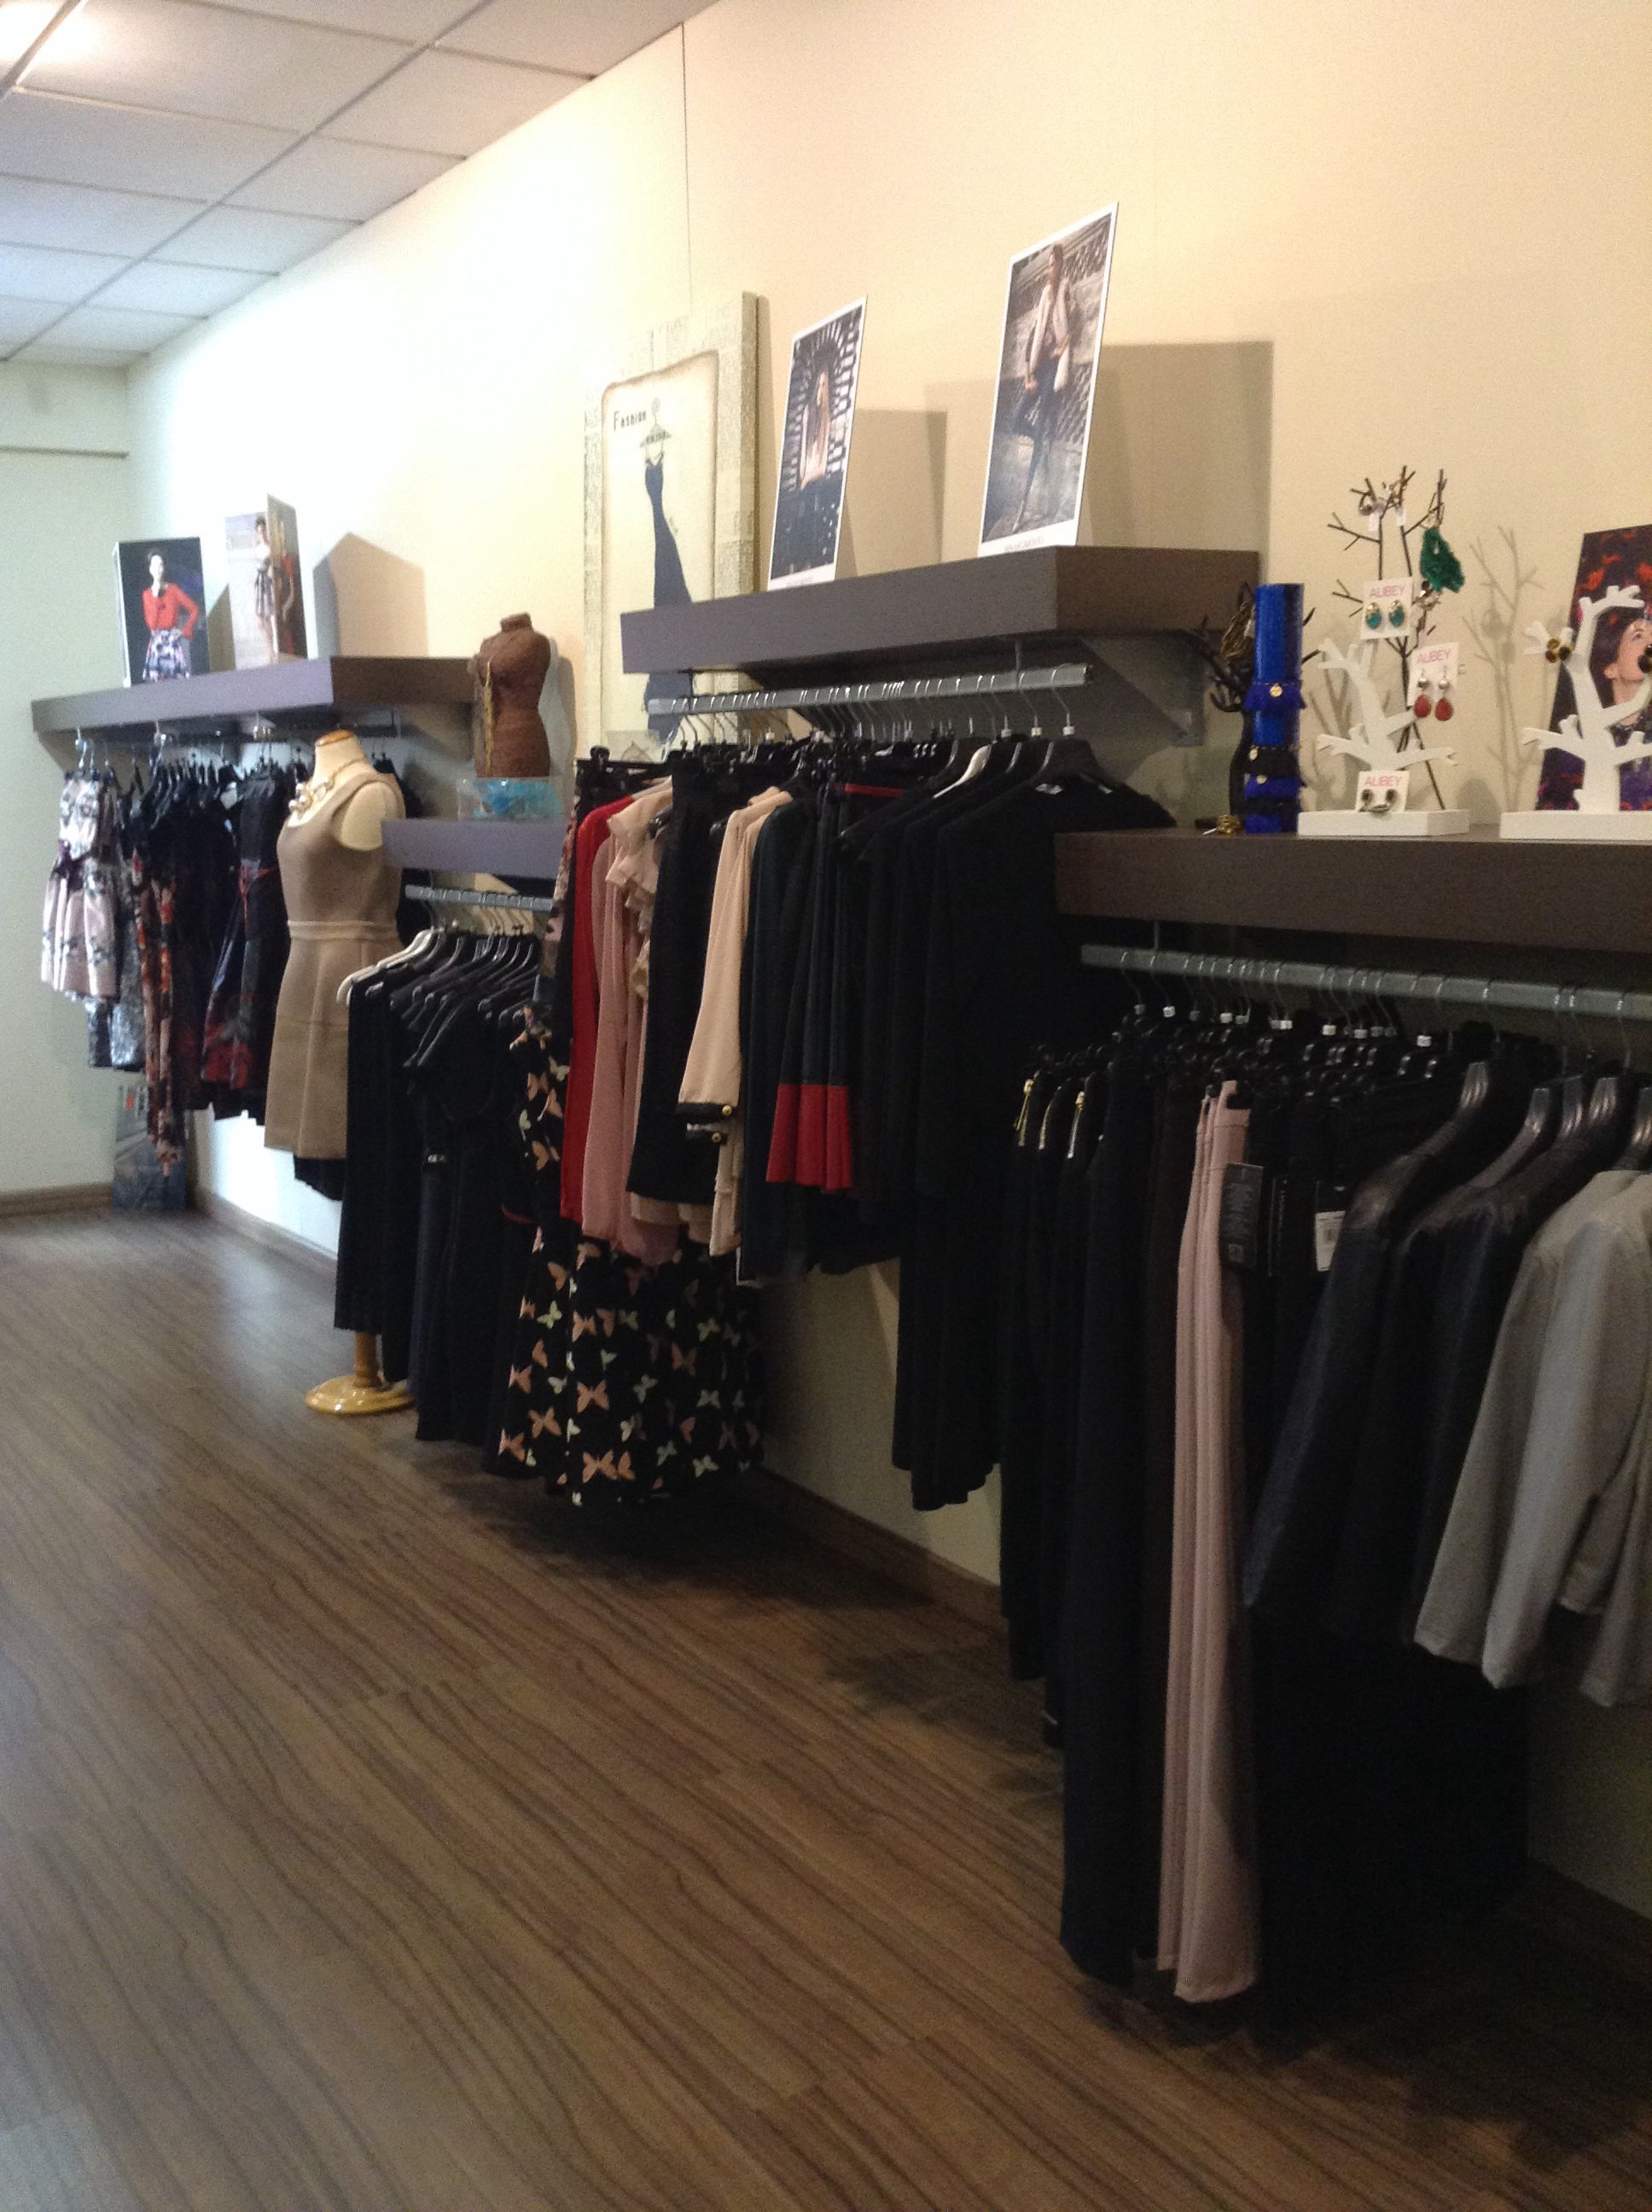 Galara en Sueca calle Cullera 16 Tienda de ropa y plementos multimarca